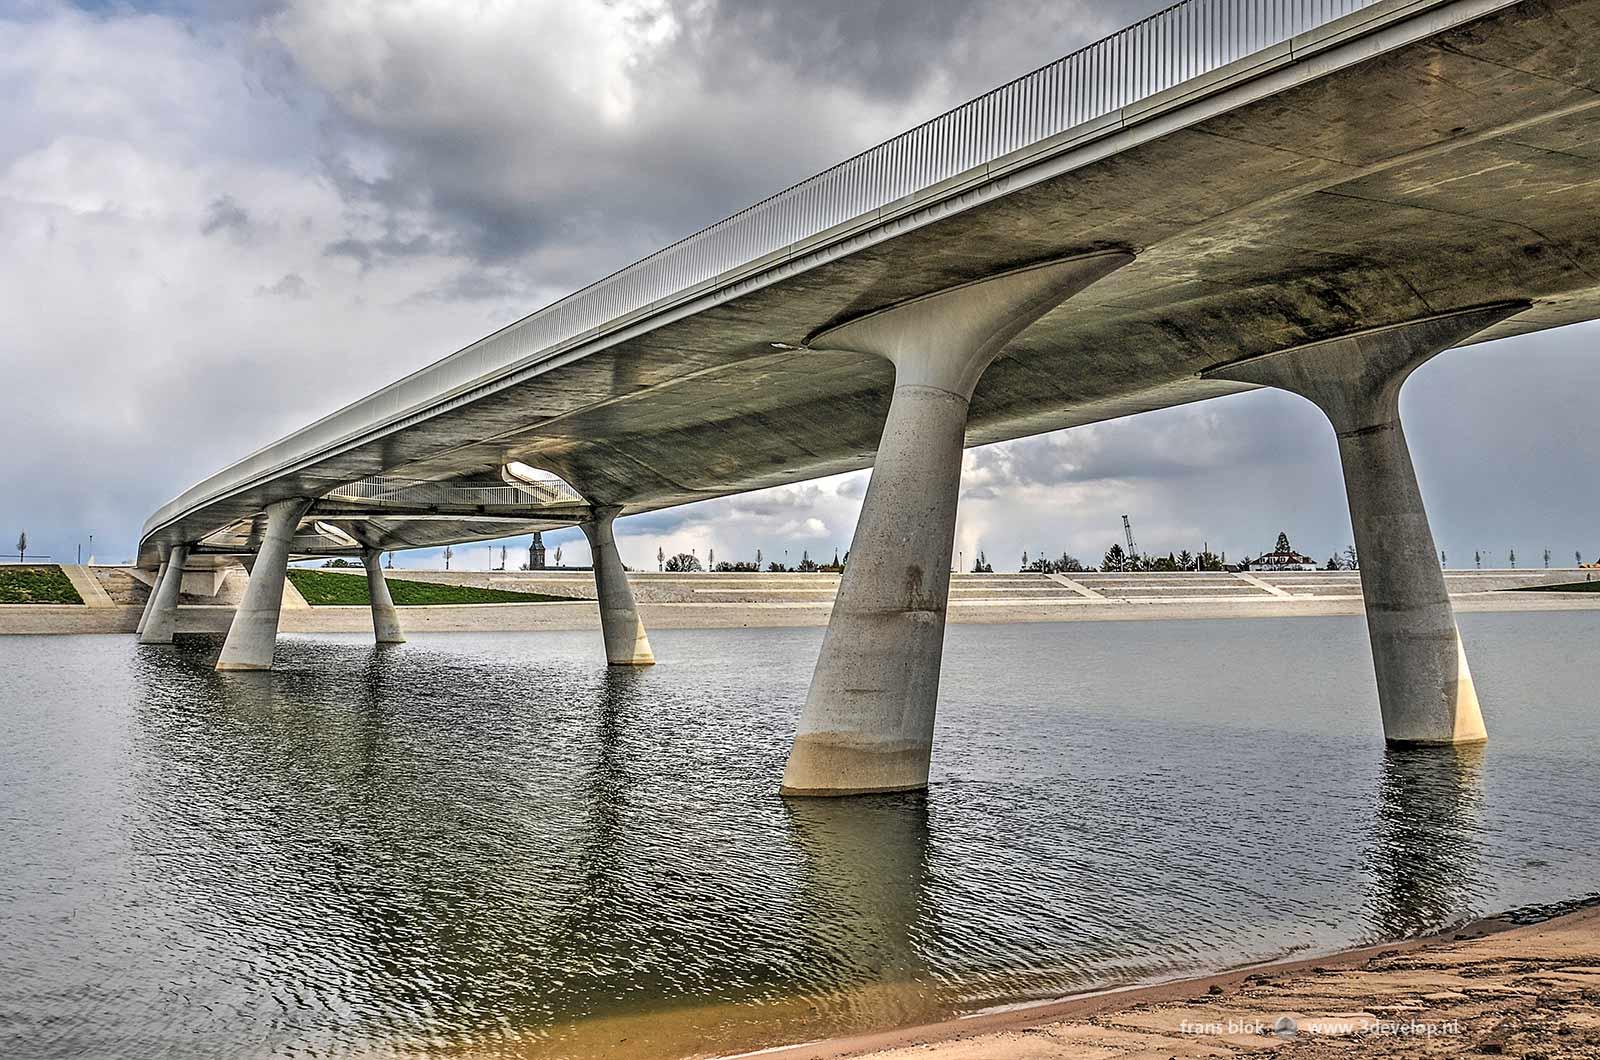 De Lentloper, de brug over de Spiegelwaal in Nijmegen, gezien vanaf het eiland Veur-Lent met op de achtergrond de Lentse Warande